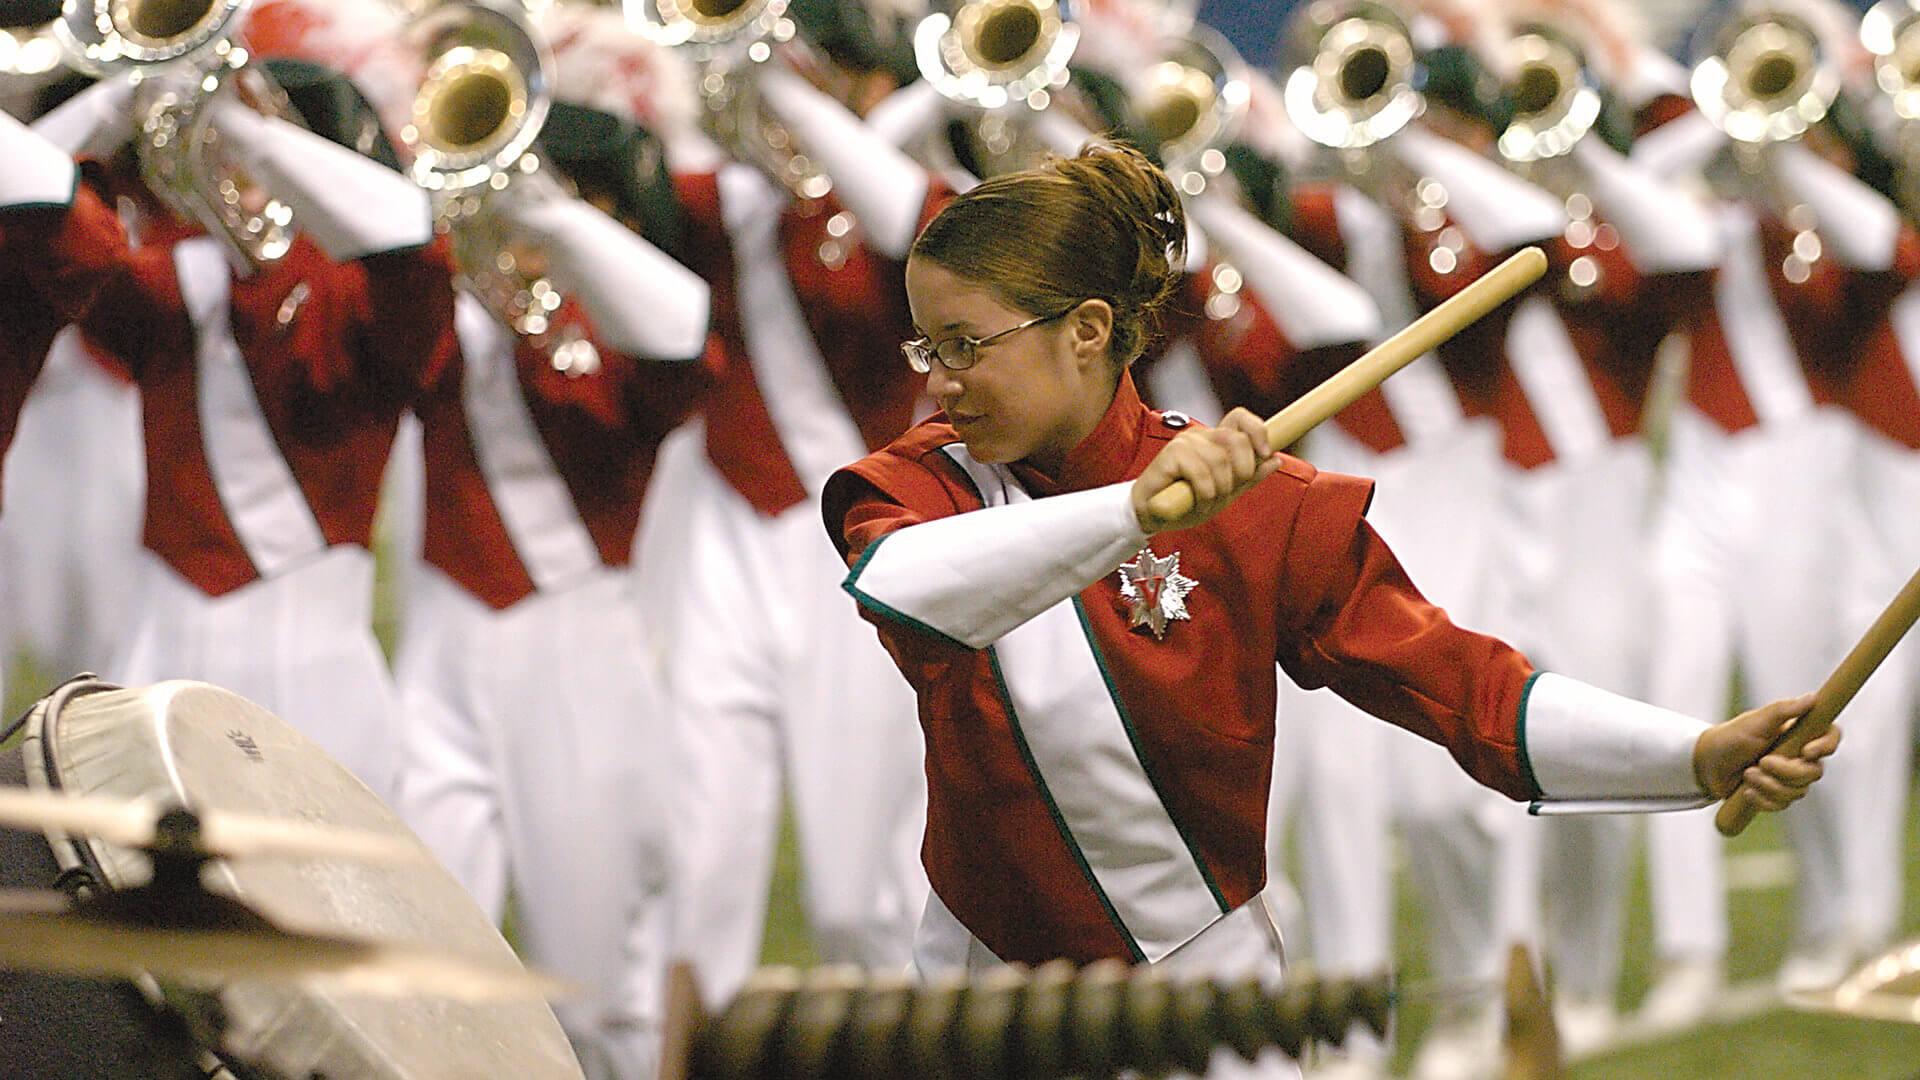 Spotlight of the Week: 2005 Santa Clara Vanguard